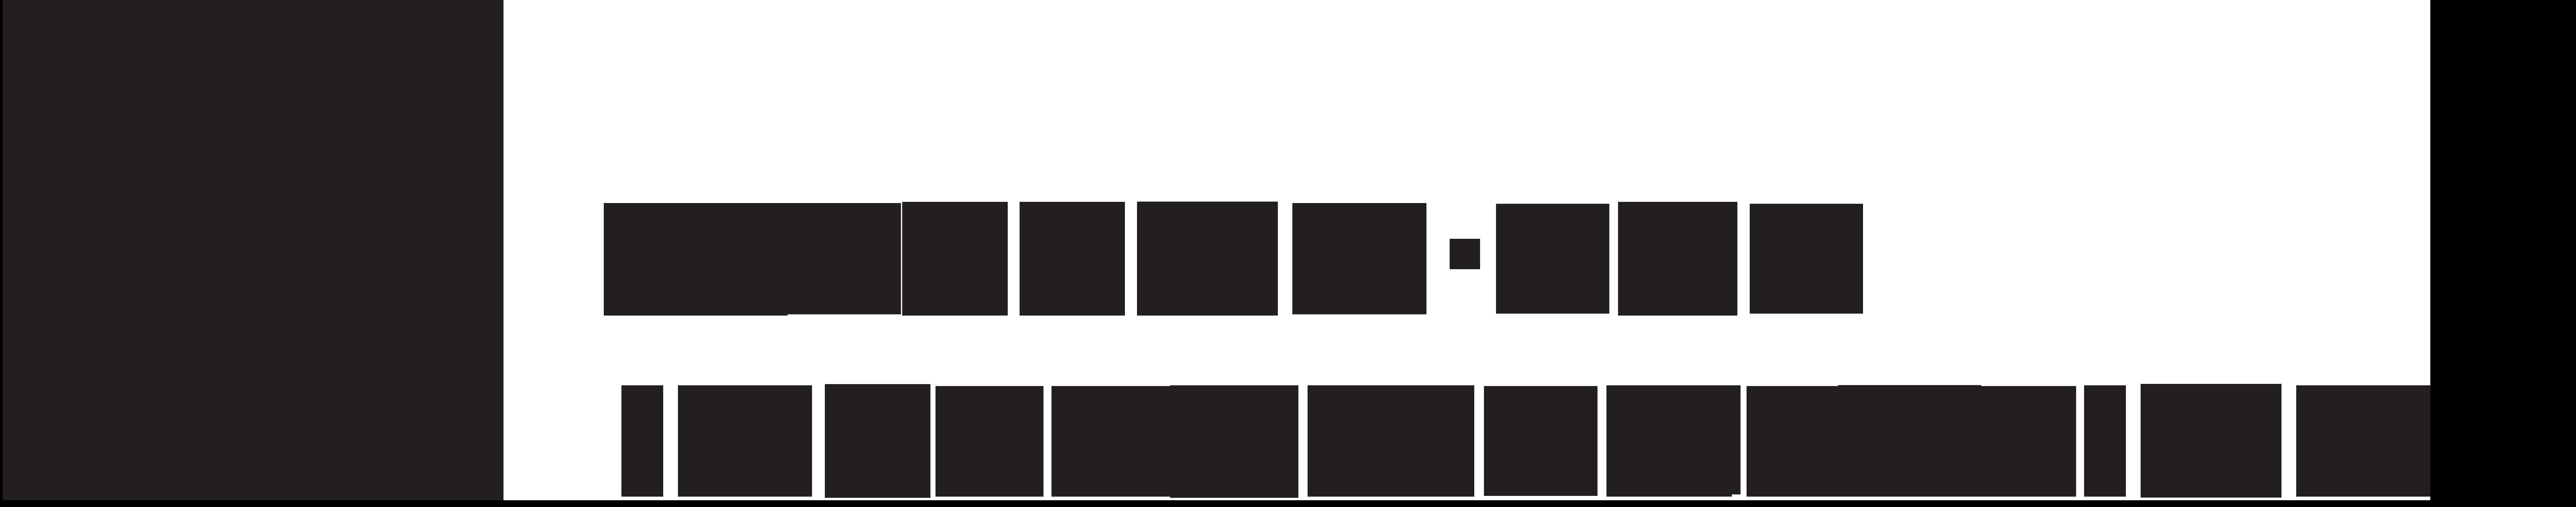 Wasson-ECE Instrumentation 2021